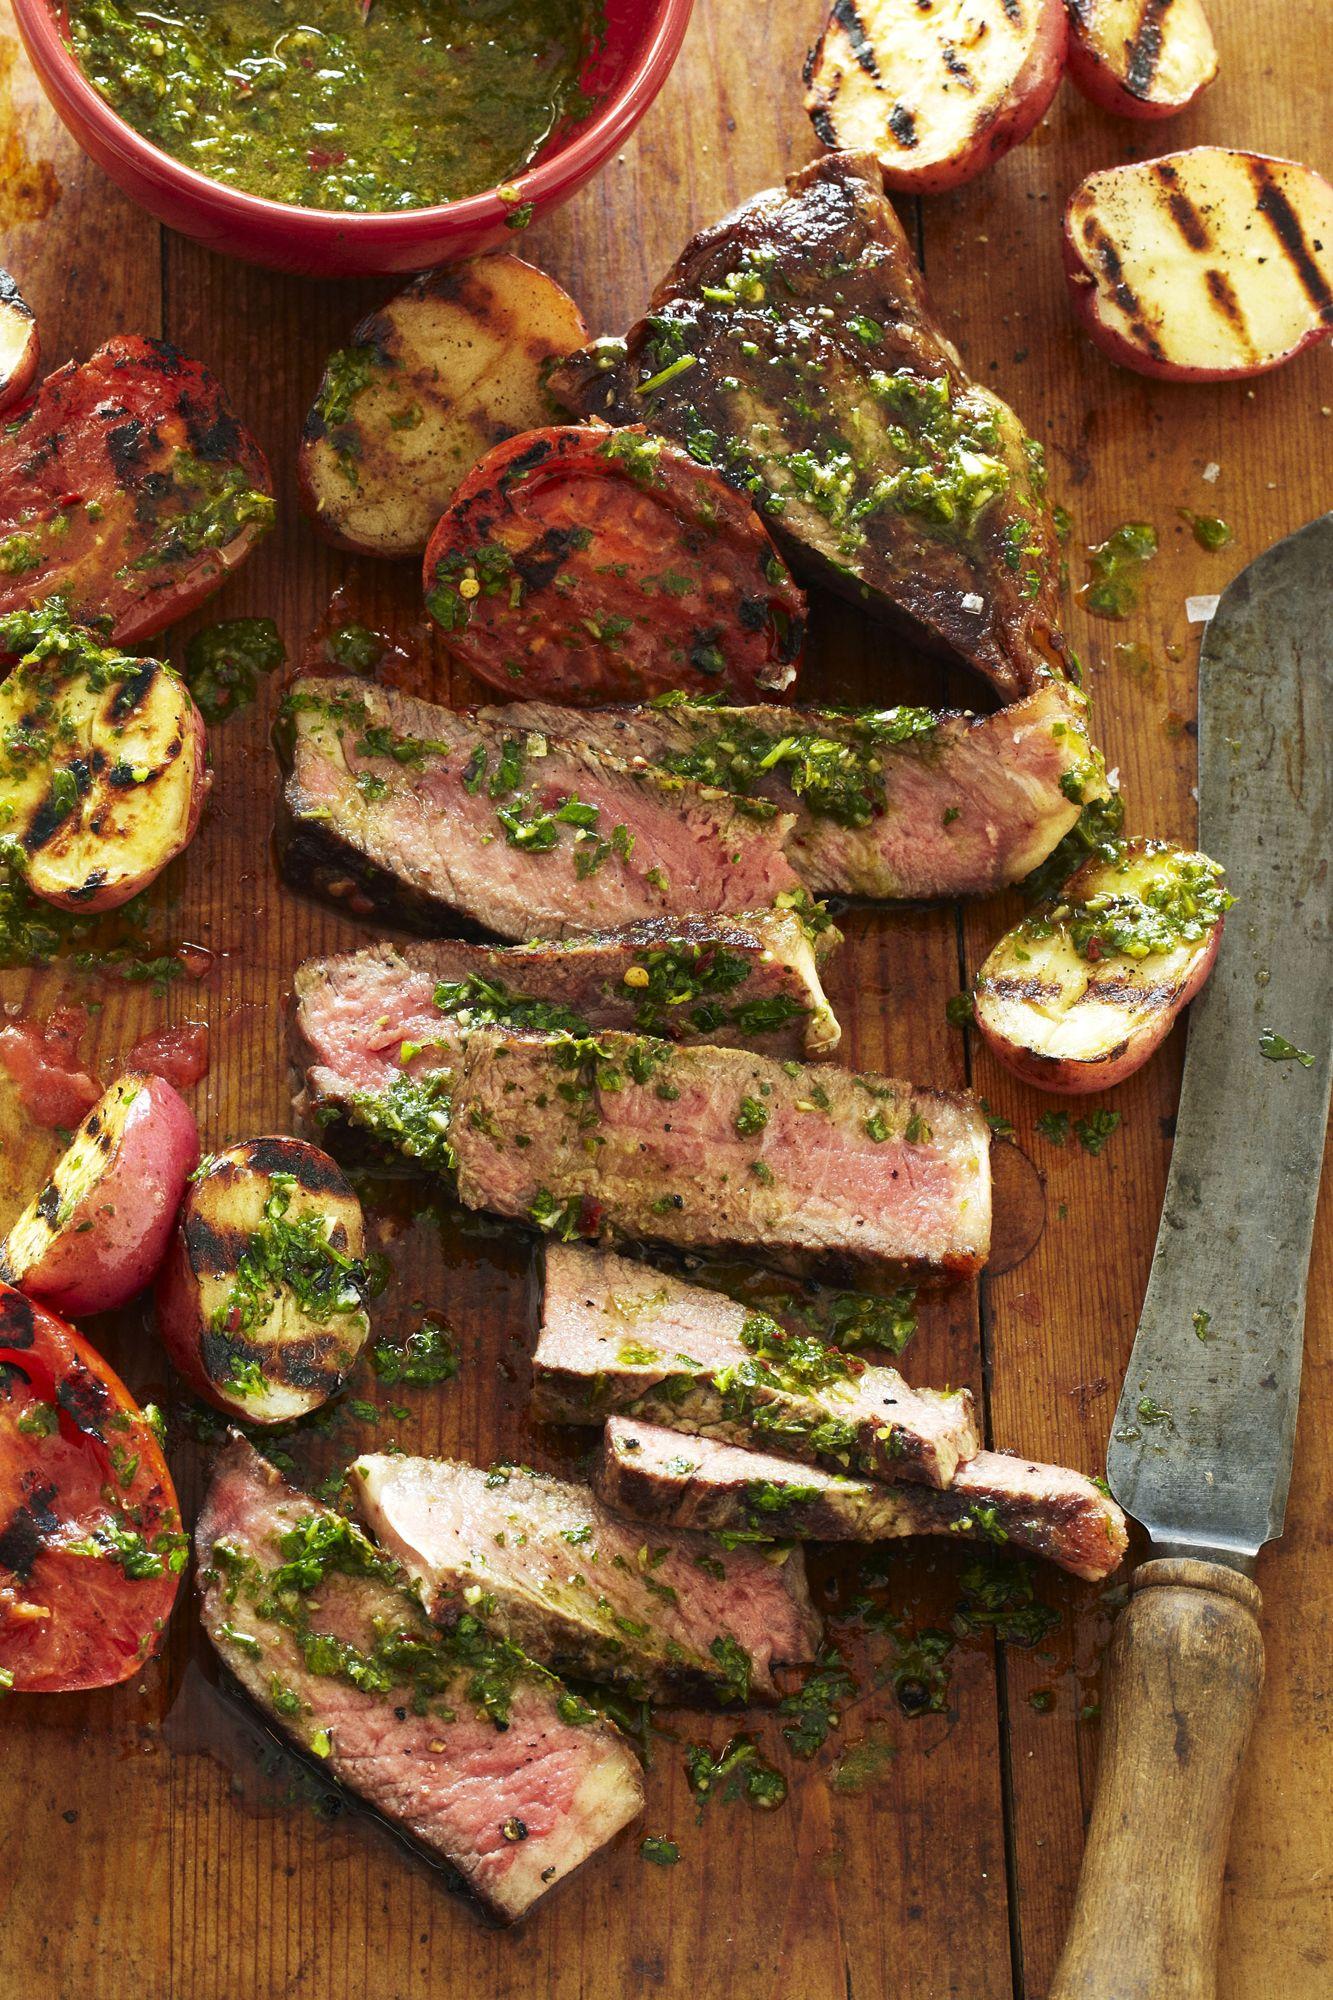 27 Easy Steak Dinner Recipes - How to Cook Steak